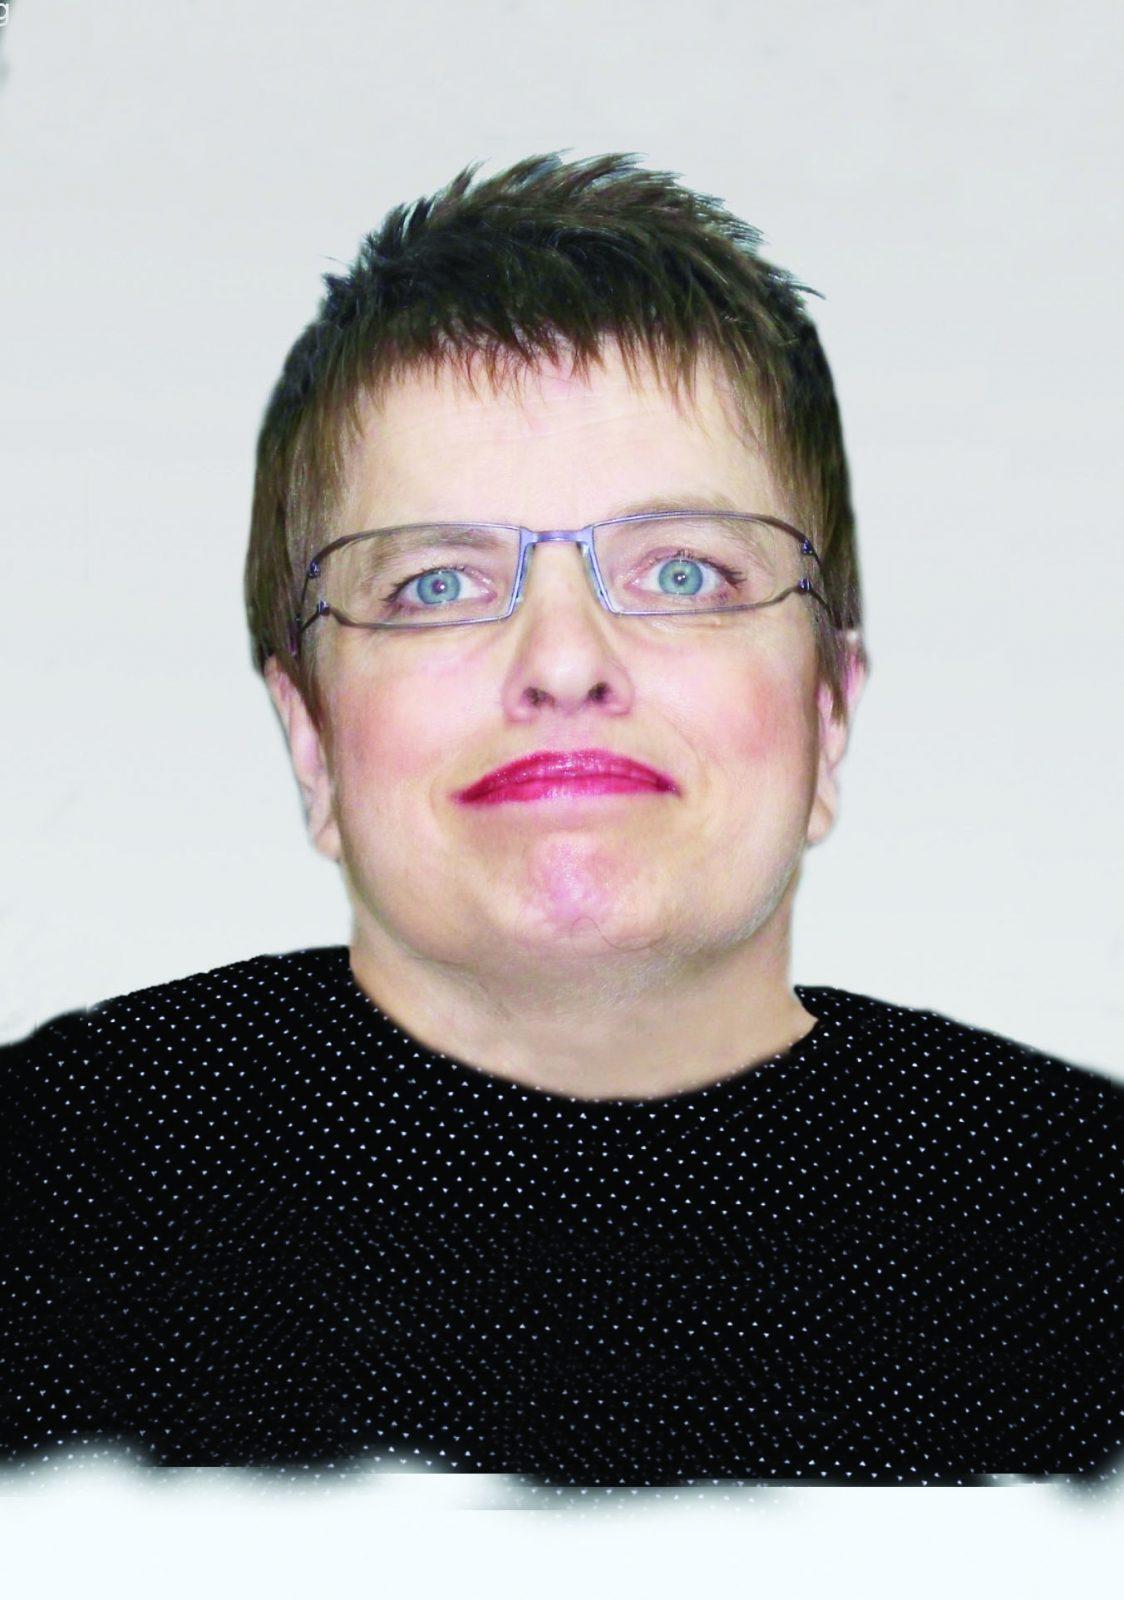 Suzie Audet